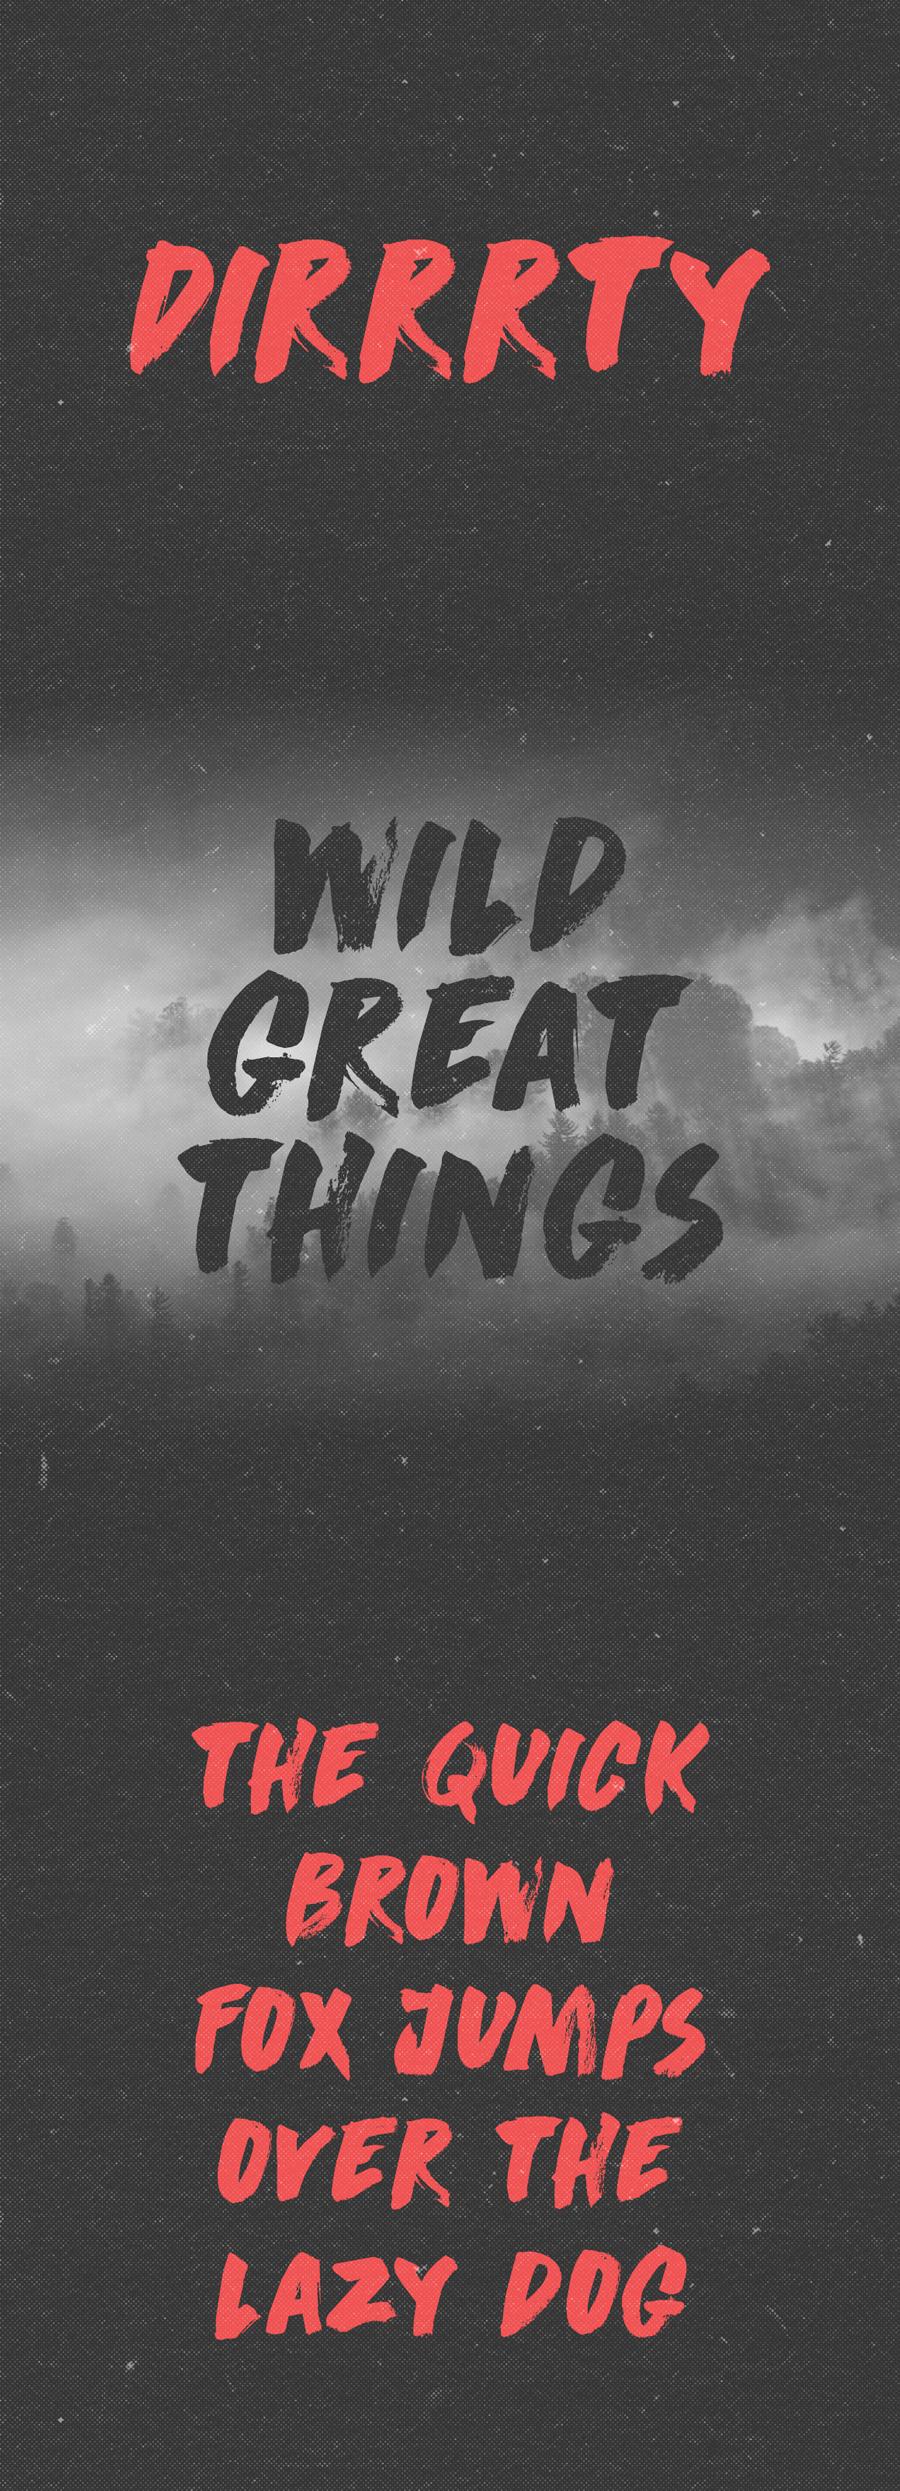 01_dirrrty-free-font